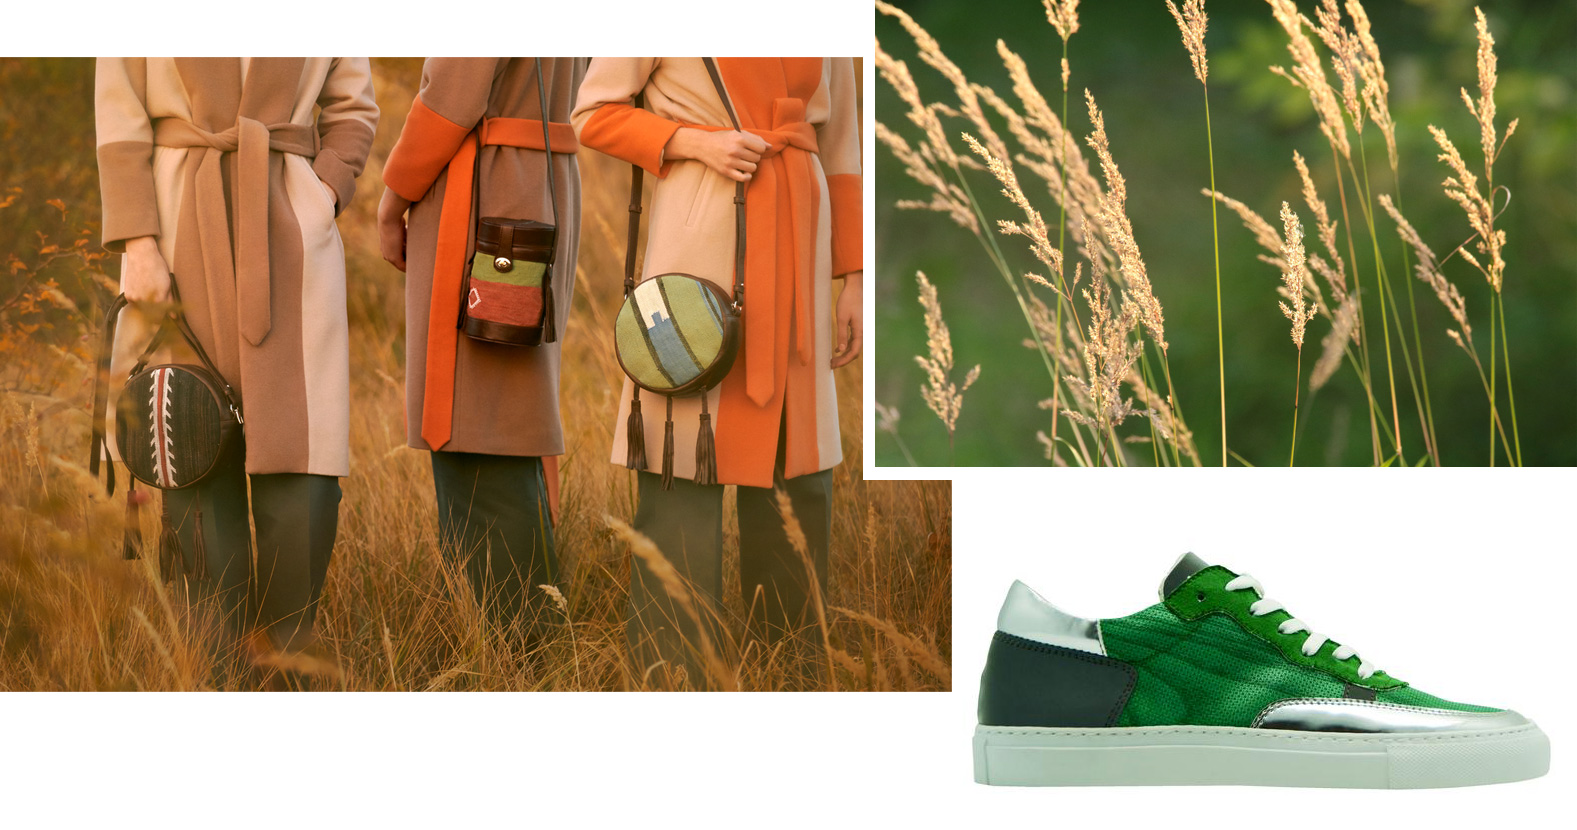 GOOD news: Grün ist die Trendfarbe für 2021